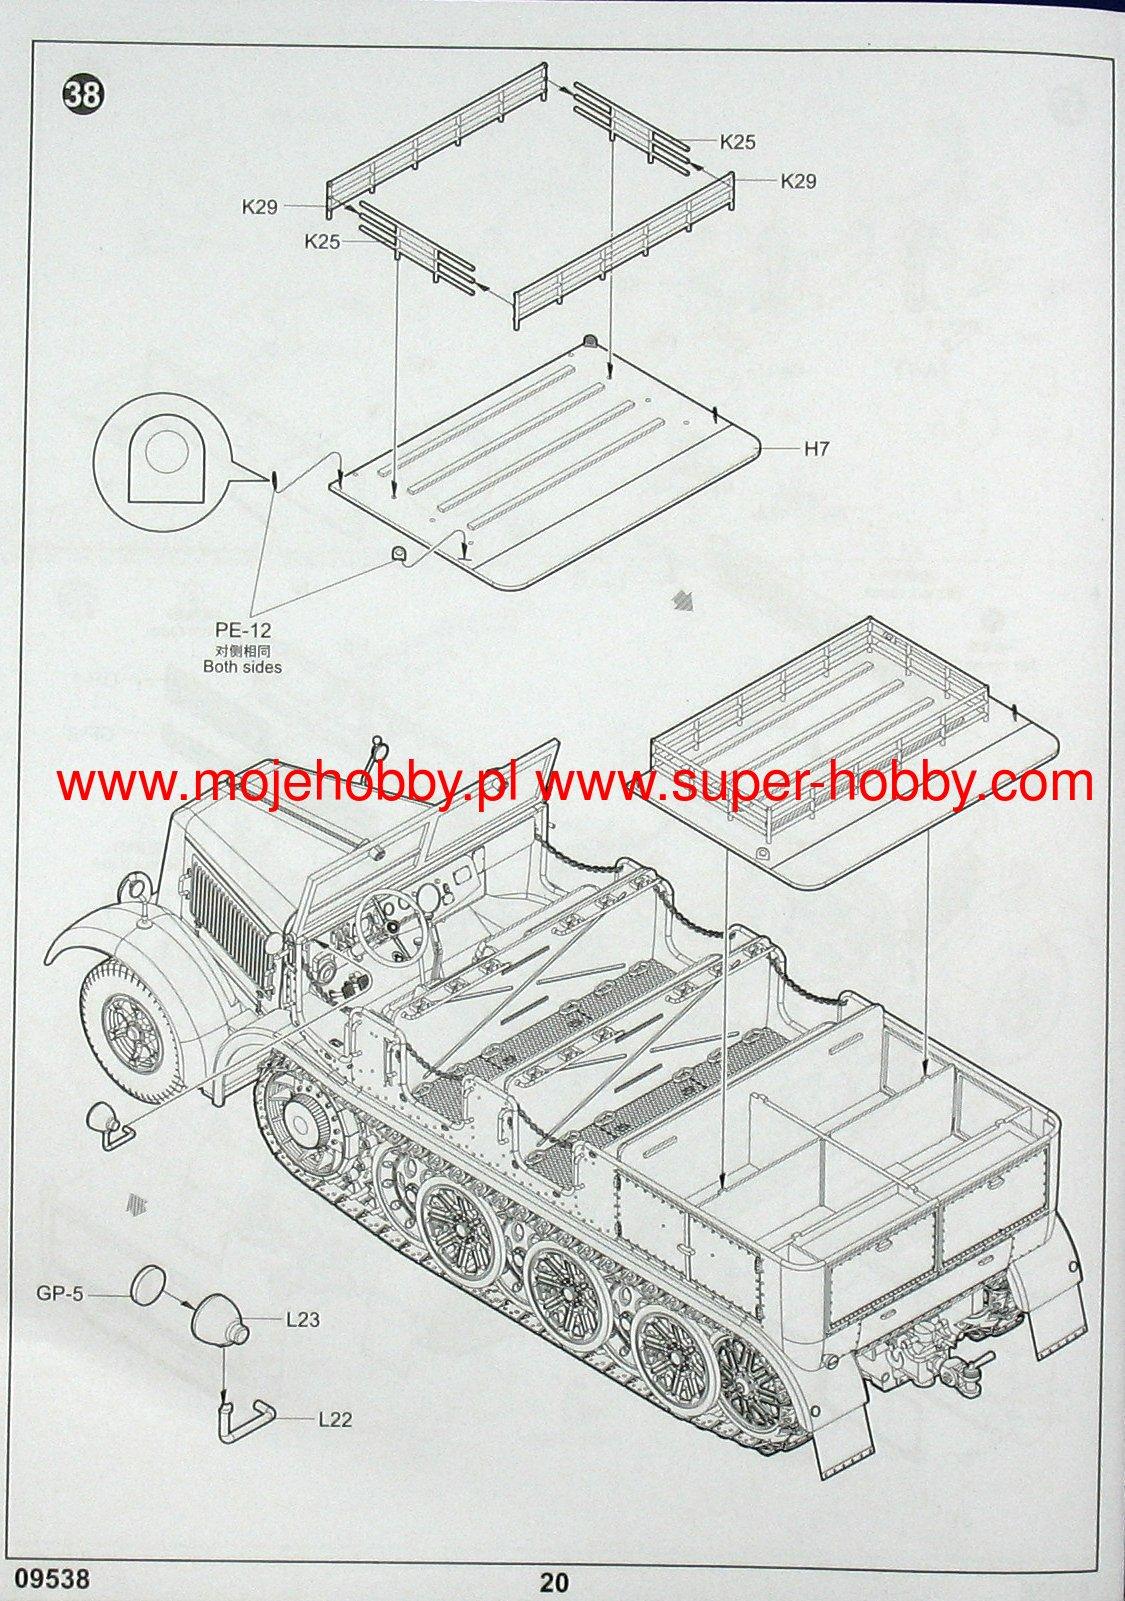 Sd Kfz 8 Db9 Half Track Artillery Tractor Model Do